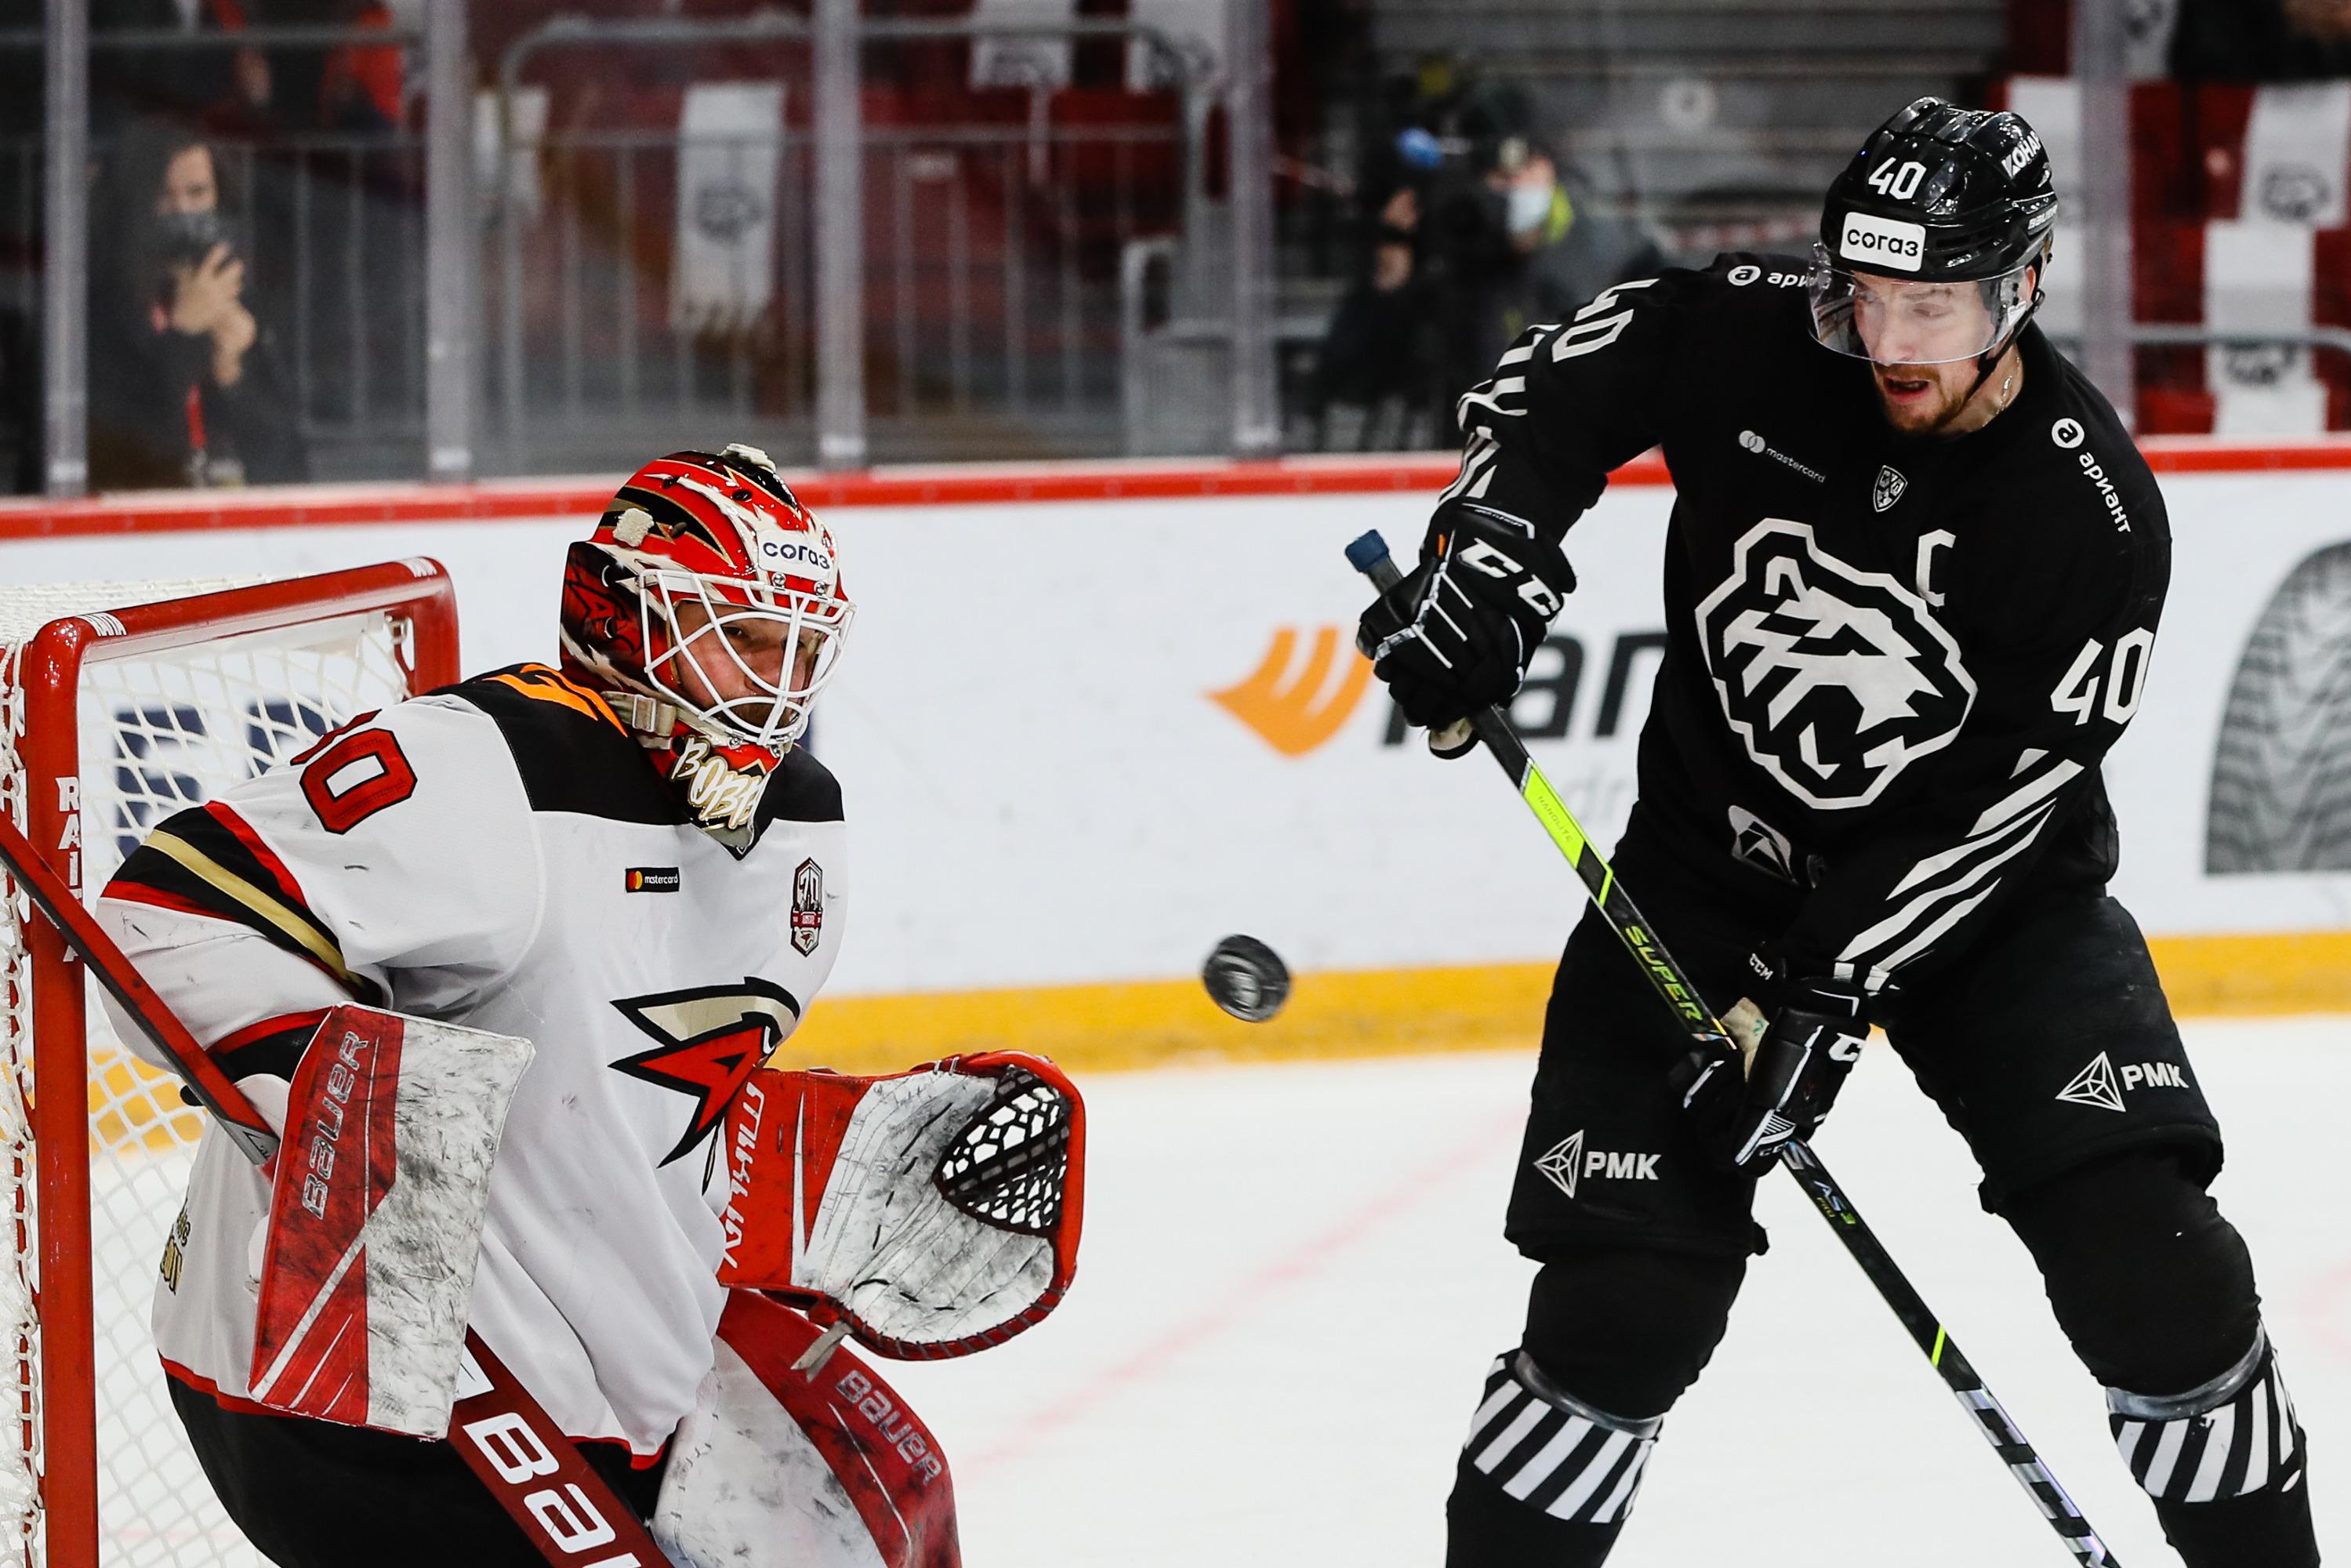 Сергей Калинин (справа) не отличился в этой игре заброшенными шайбами